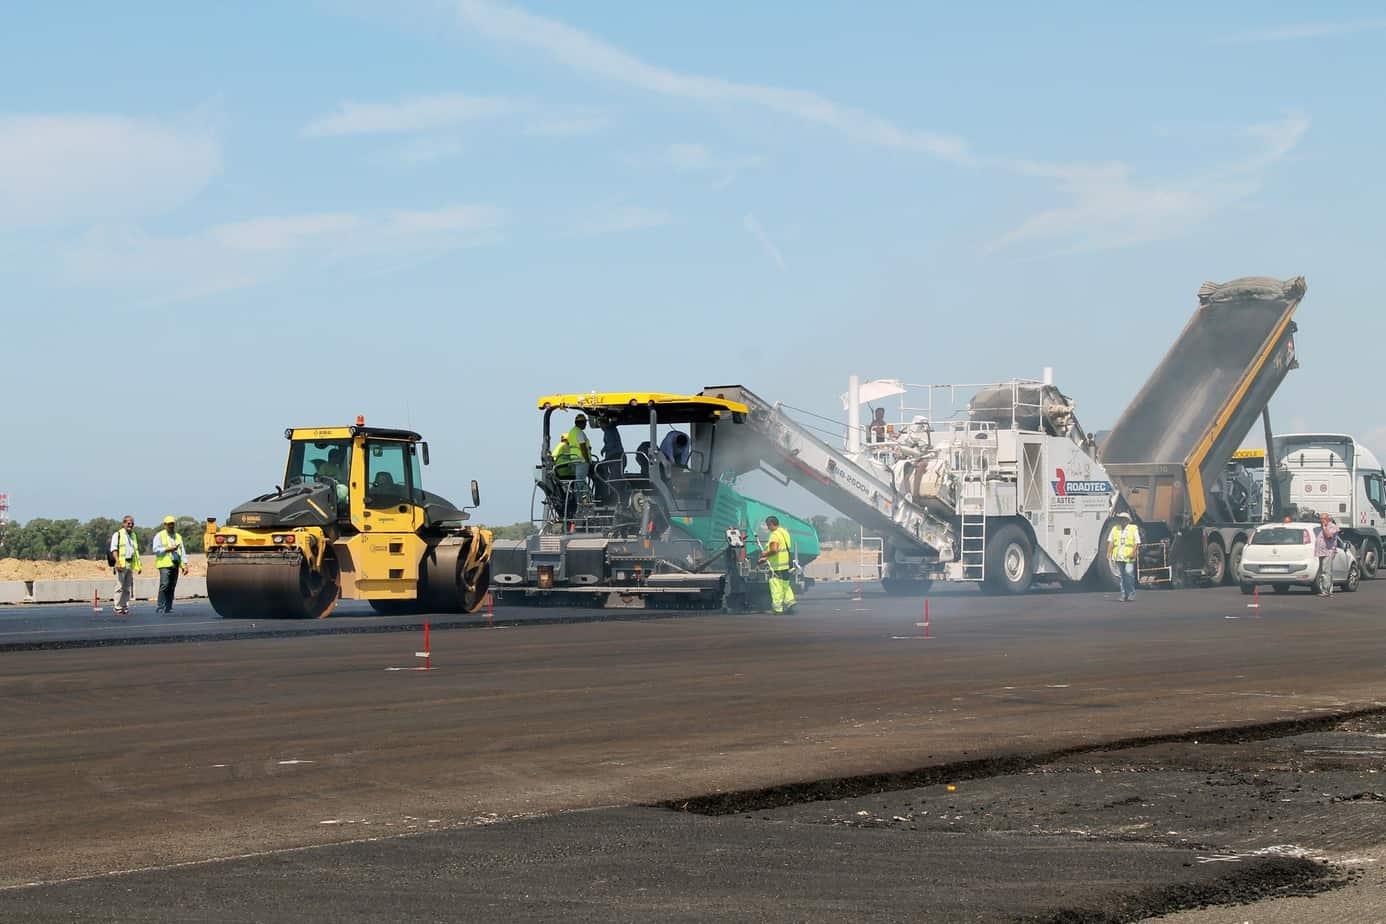 Il treno di lavorazione della Pavimental sulla pista n° 3 dell'aeroporto internazionale di Roma Fiumicino